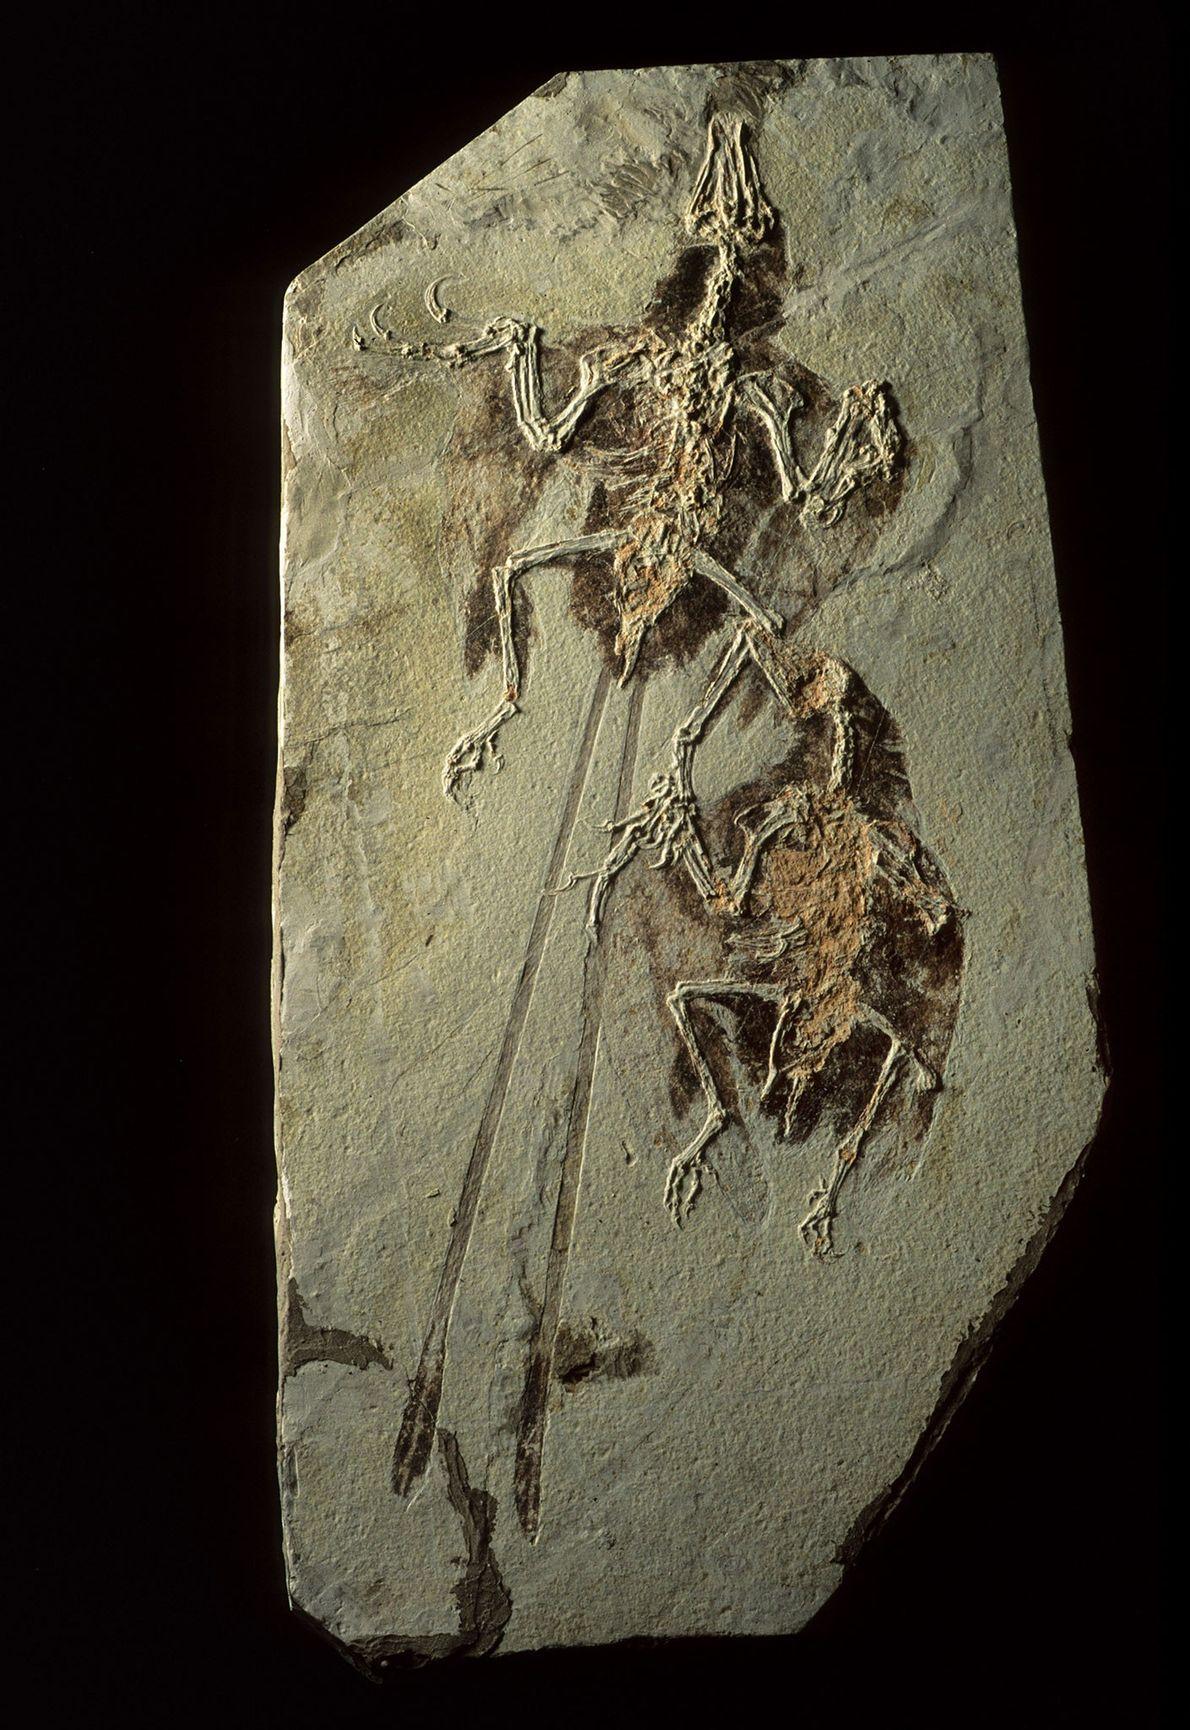 Les gisements de fossiles de Liaoning, en Chine, renferment des dinosaures mais également certains ancêtres des ...